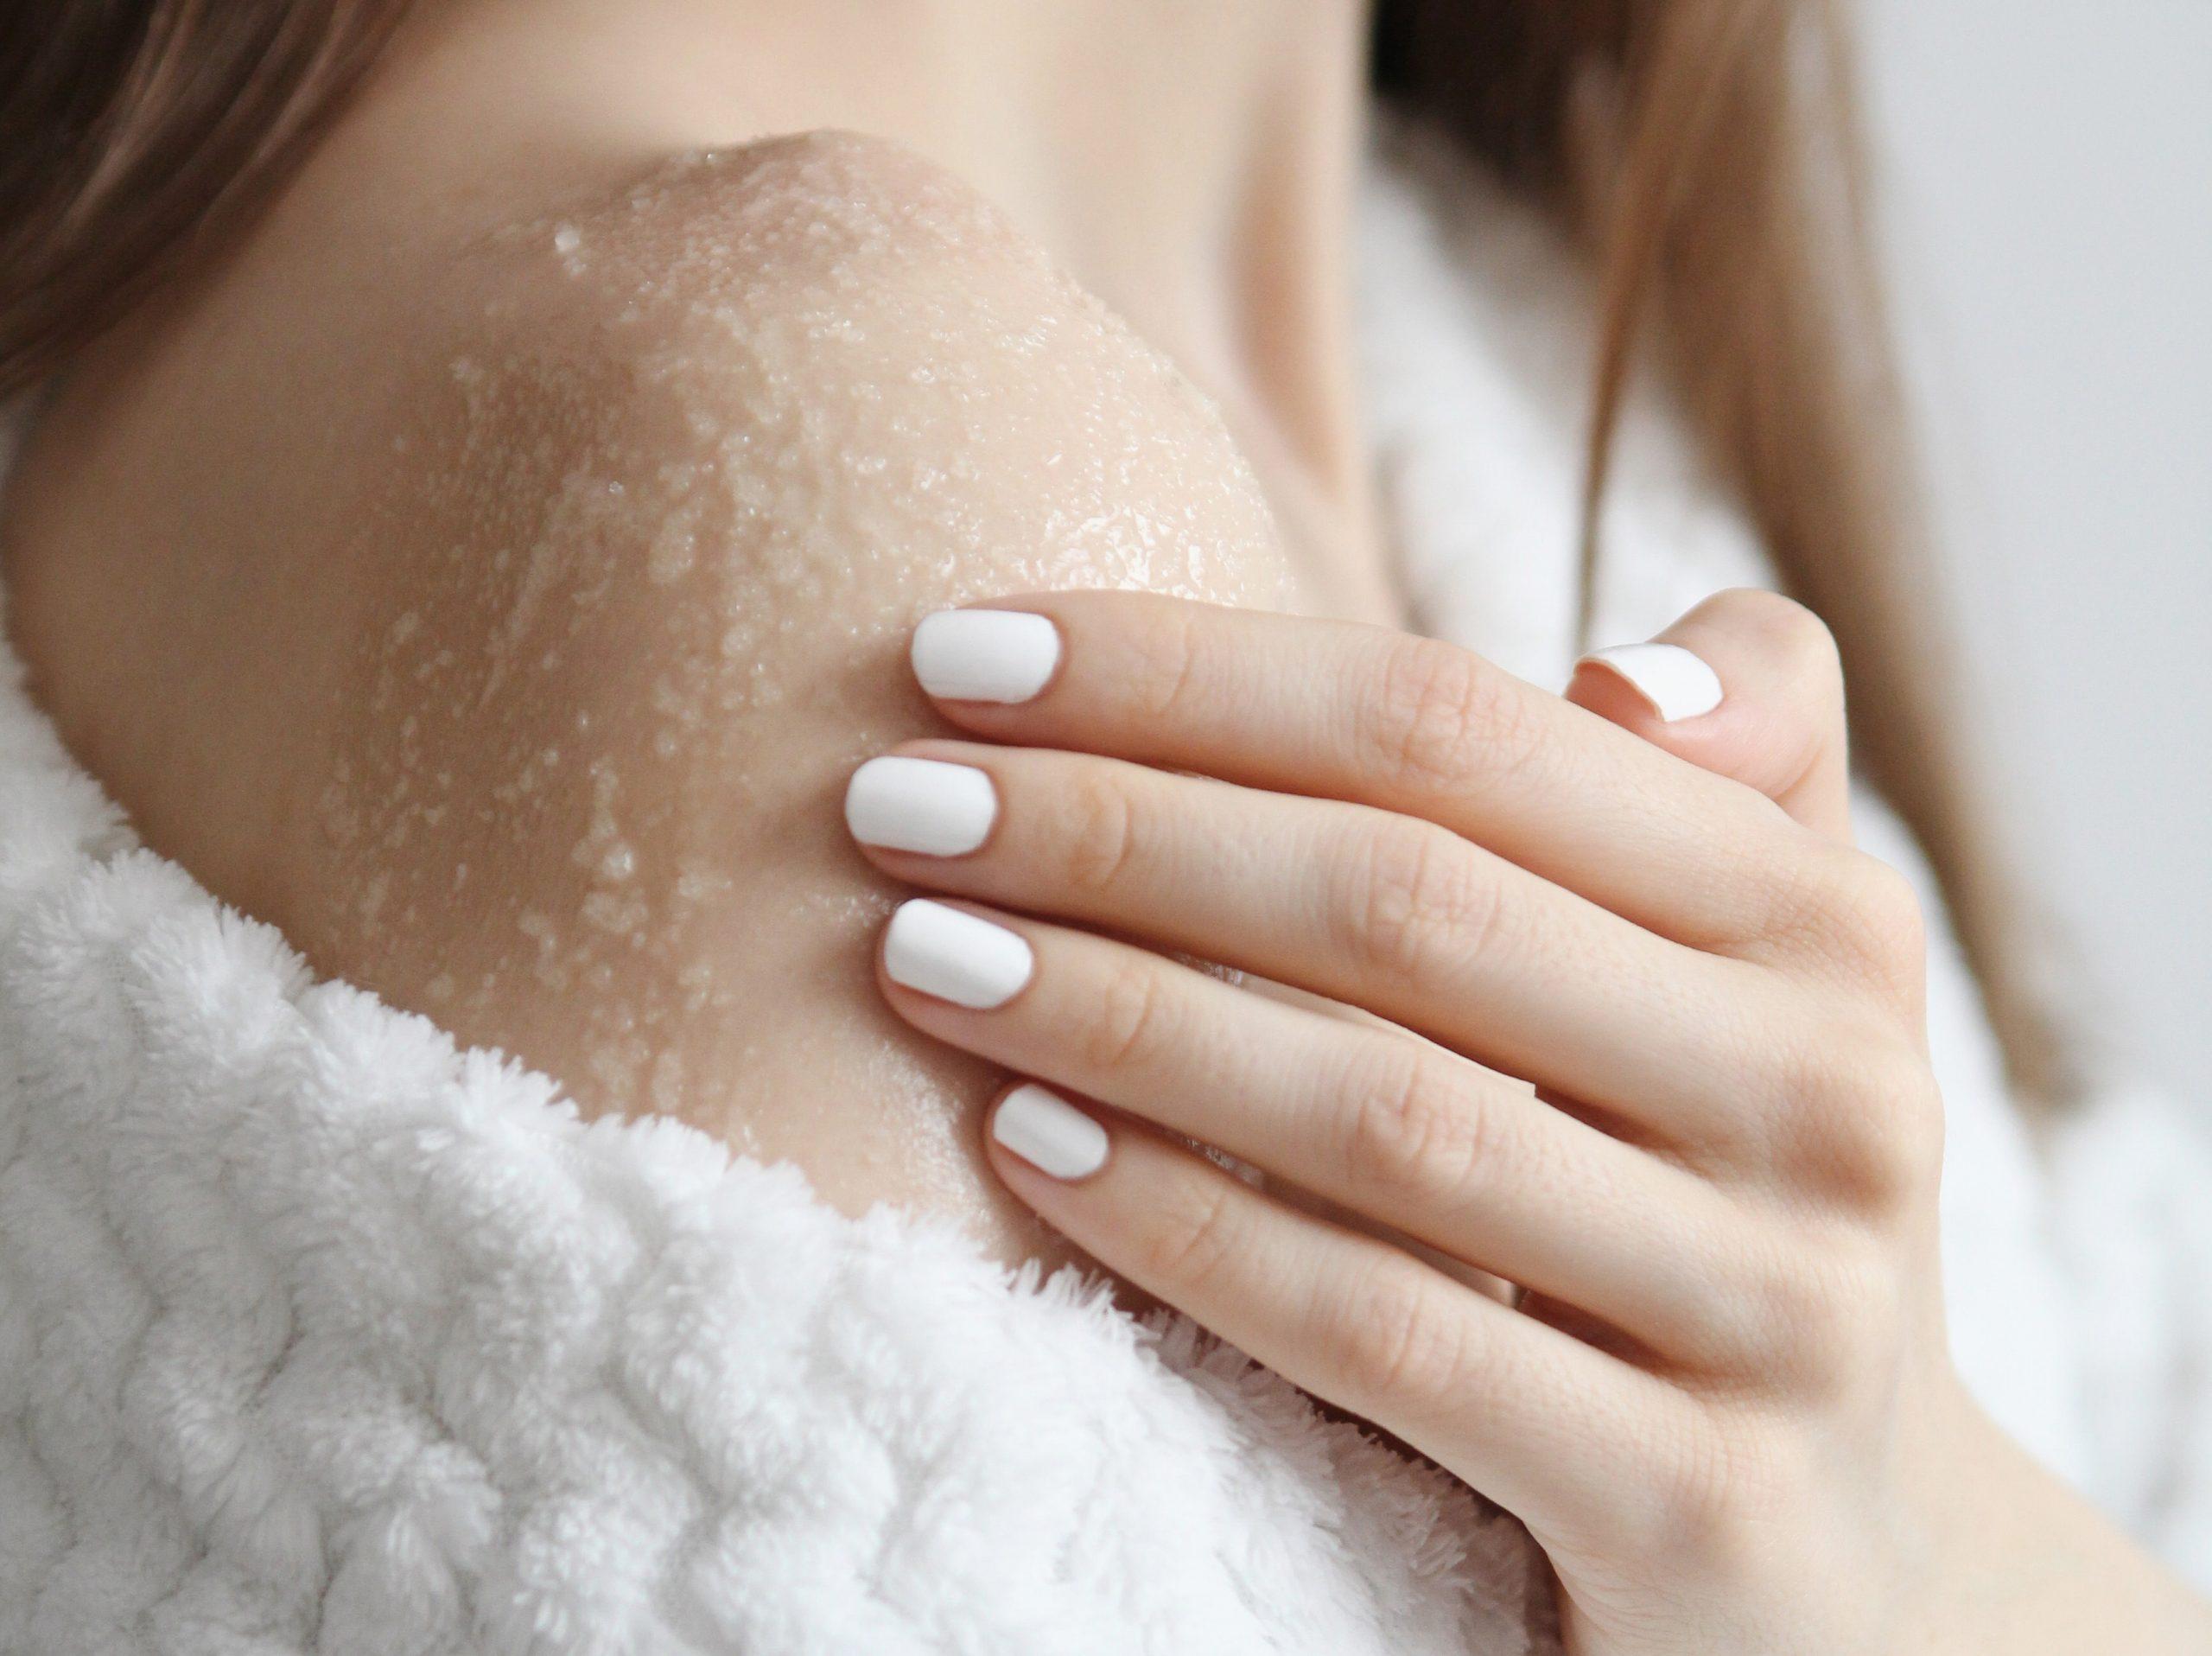 regenerujący peeling do ciała ramię dłoń kobieta